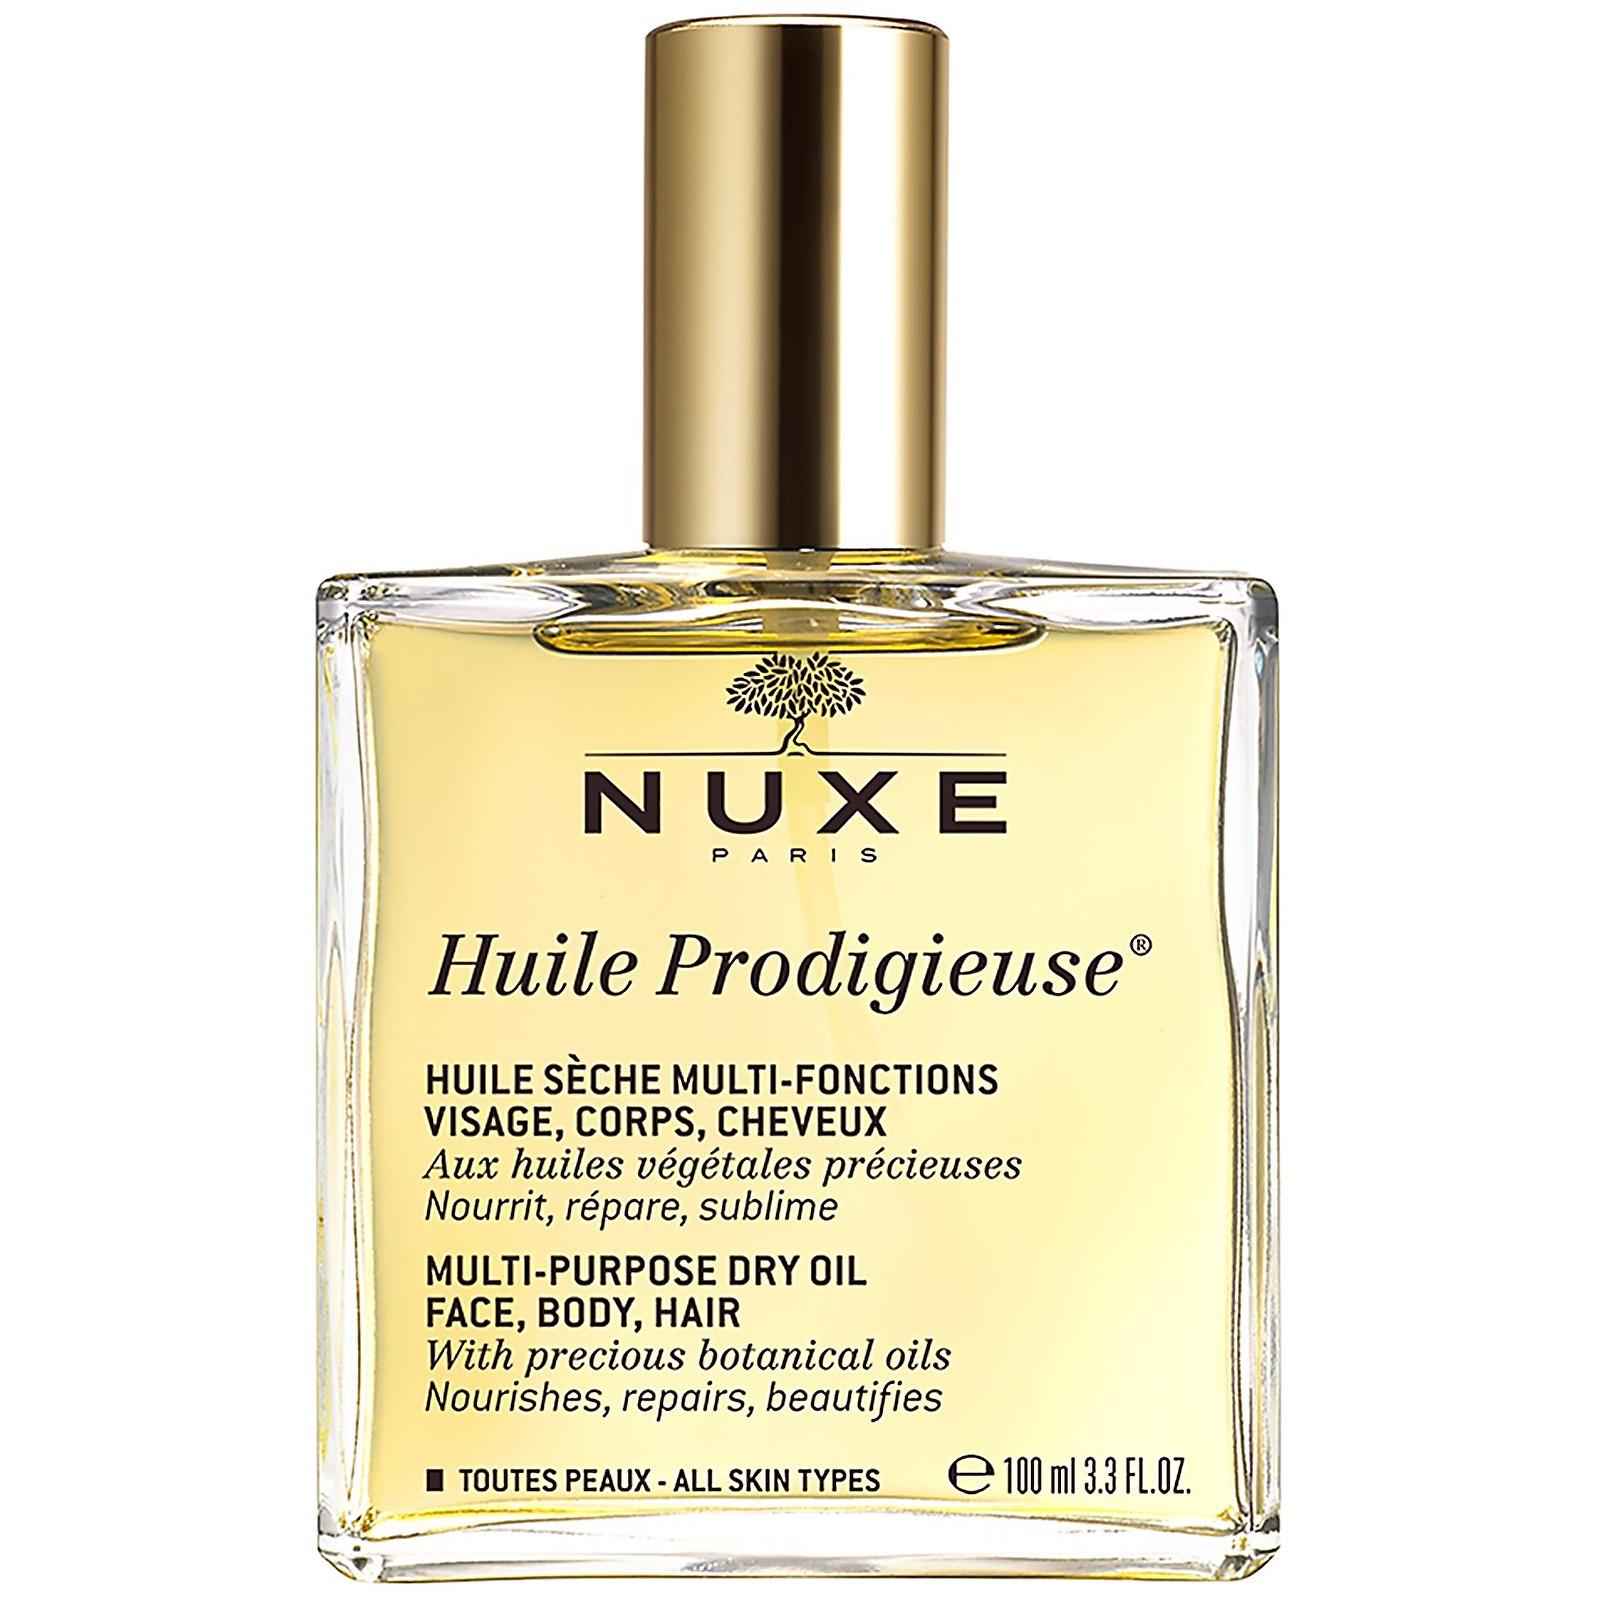 Nuxe Huile Prodigieuse Multi-Purpose Dry Oil Spray